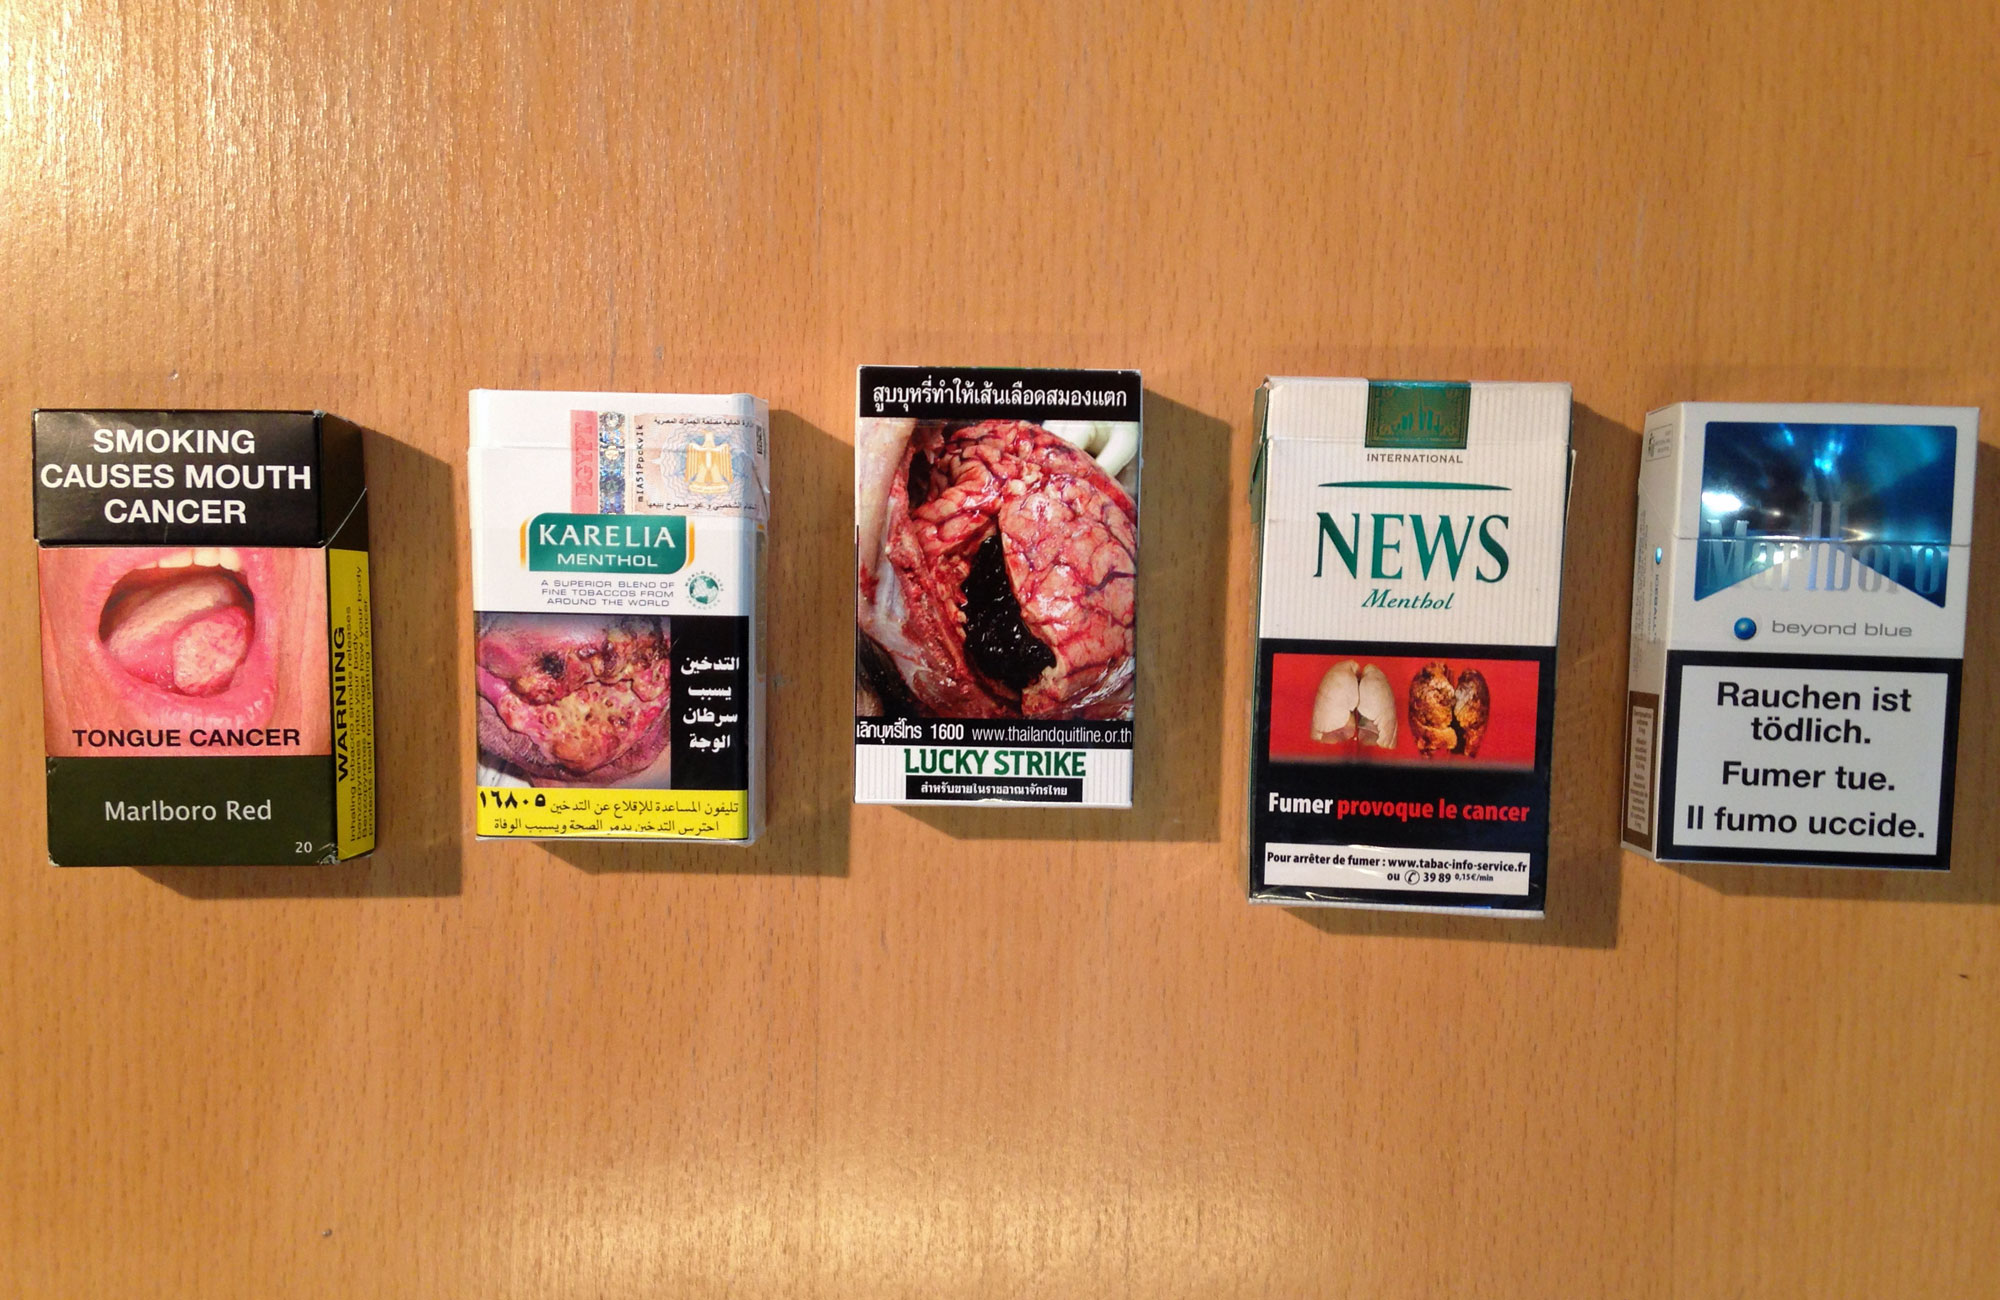 le paquet de cigarettes neutre est entr en vigueur en france monde. Black Bedroom Furniture Sets. Home Design Ideas